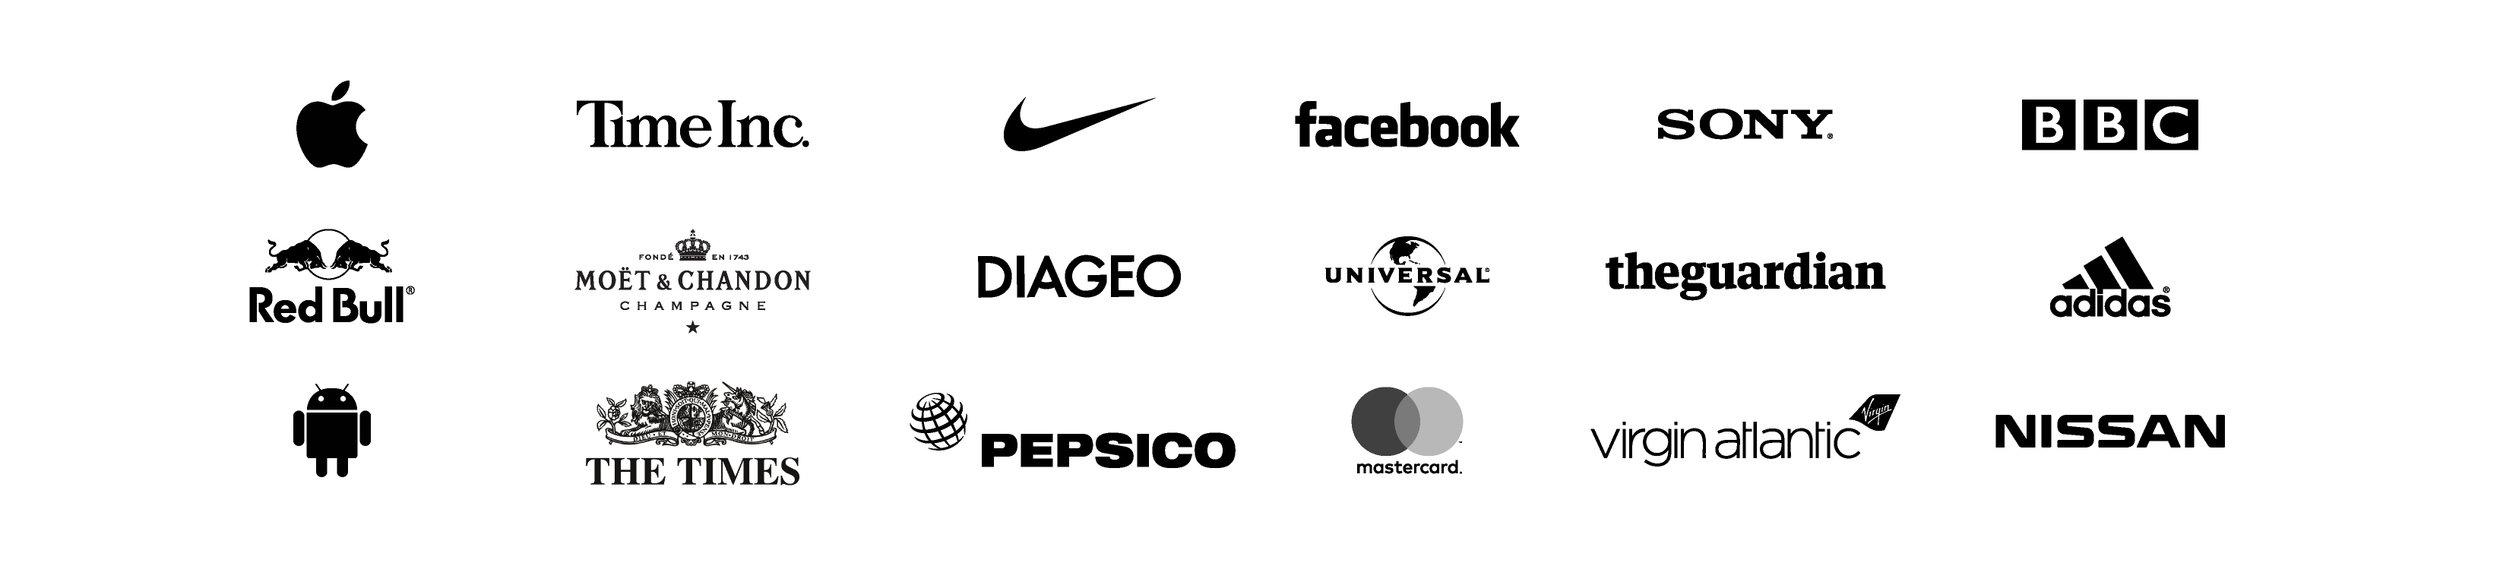 Client_Logos_Ben_Fearnley.jpg